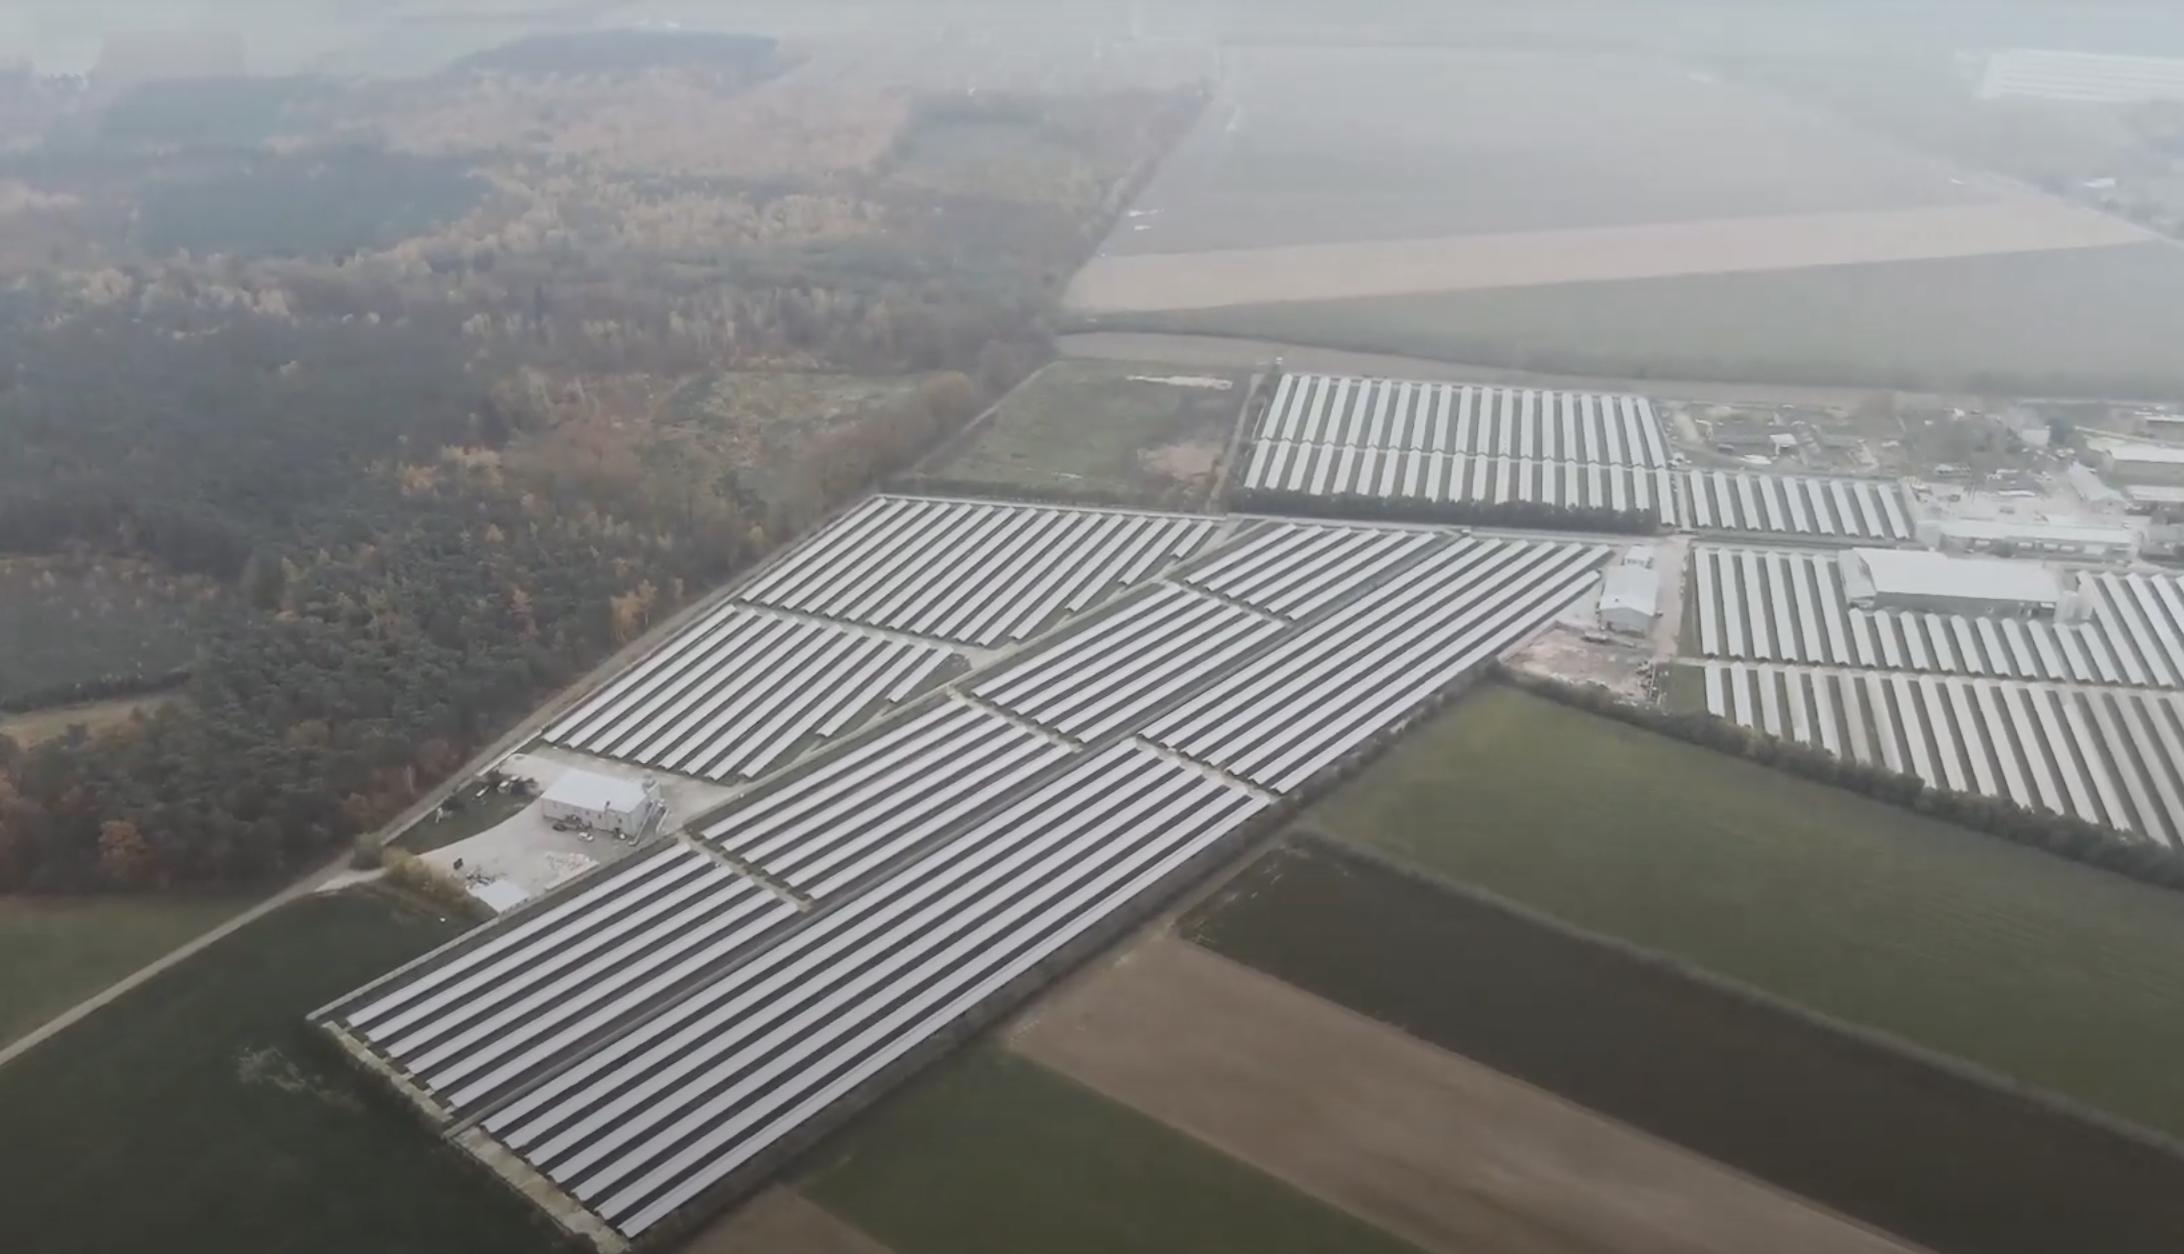 Polskie rolnictwo w cieniu ferm przemysłowych – historia mieszkańców Koźmina Wielkopolskiego